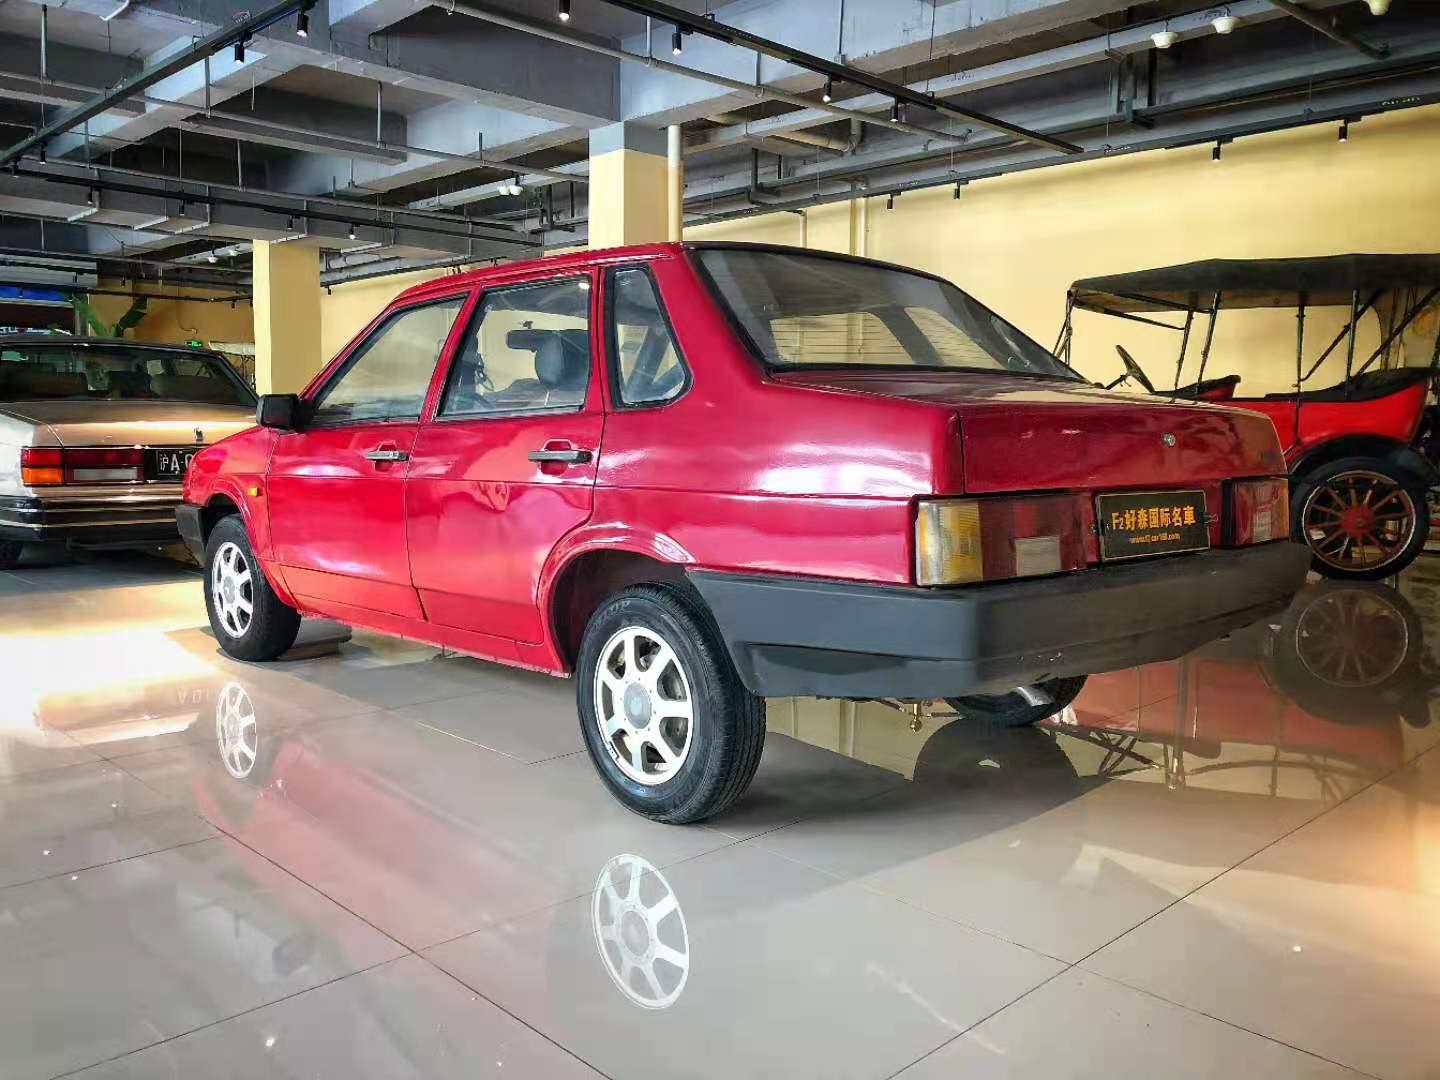 经典车 2001年拉达尼瓦 一代见证历史记忆的经典车521 作者:F2大森古典车